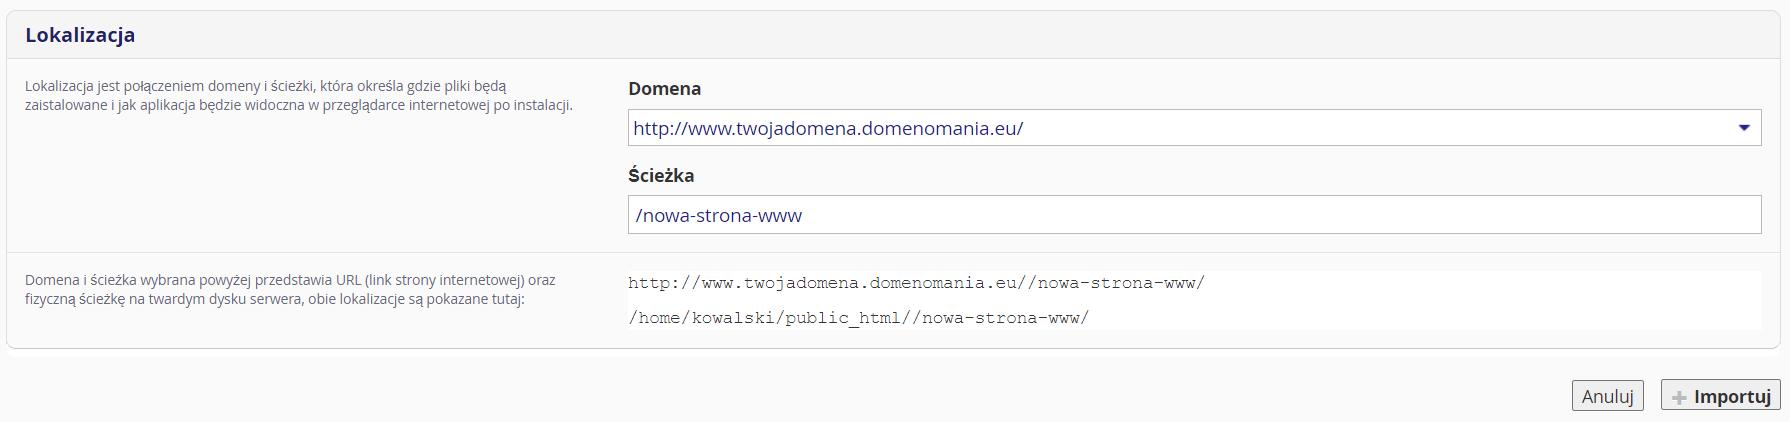 Podaj informacje o lokalizacji PrestaShop, którą chcesz zaimportować (domena i katalog na serwerze FTP).